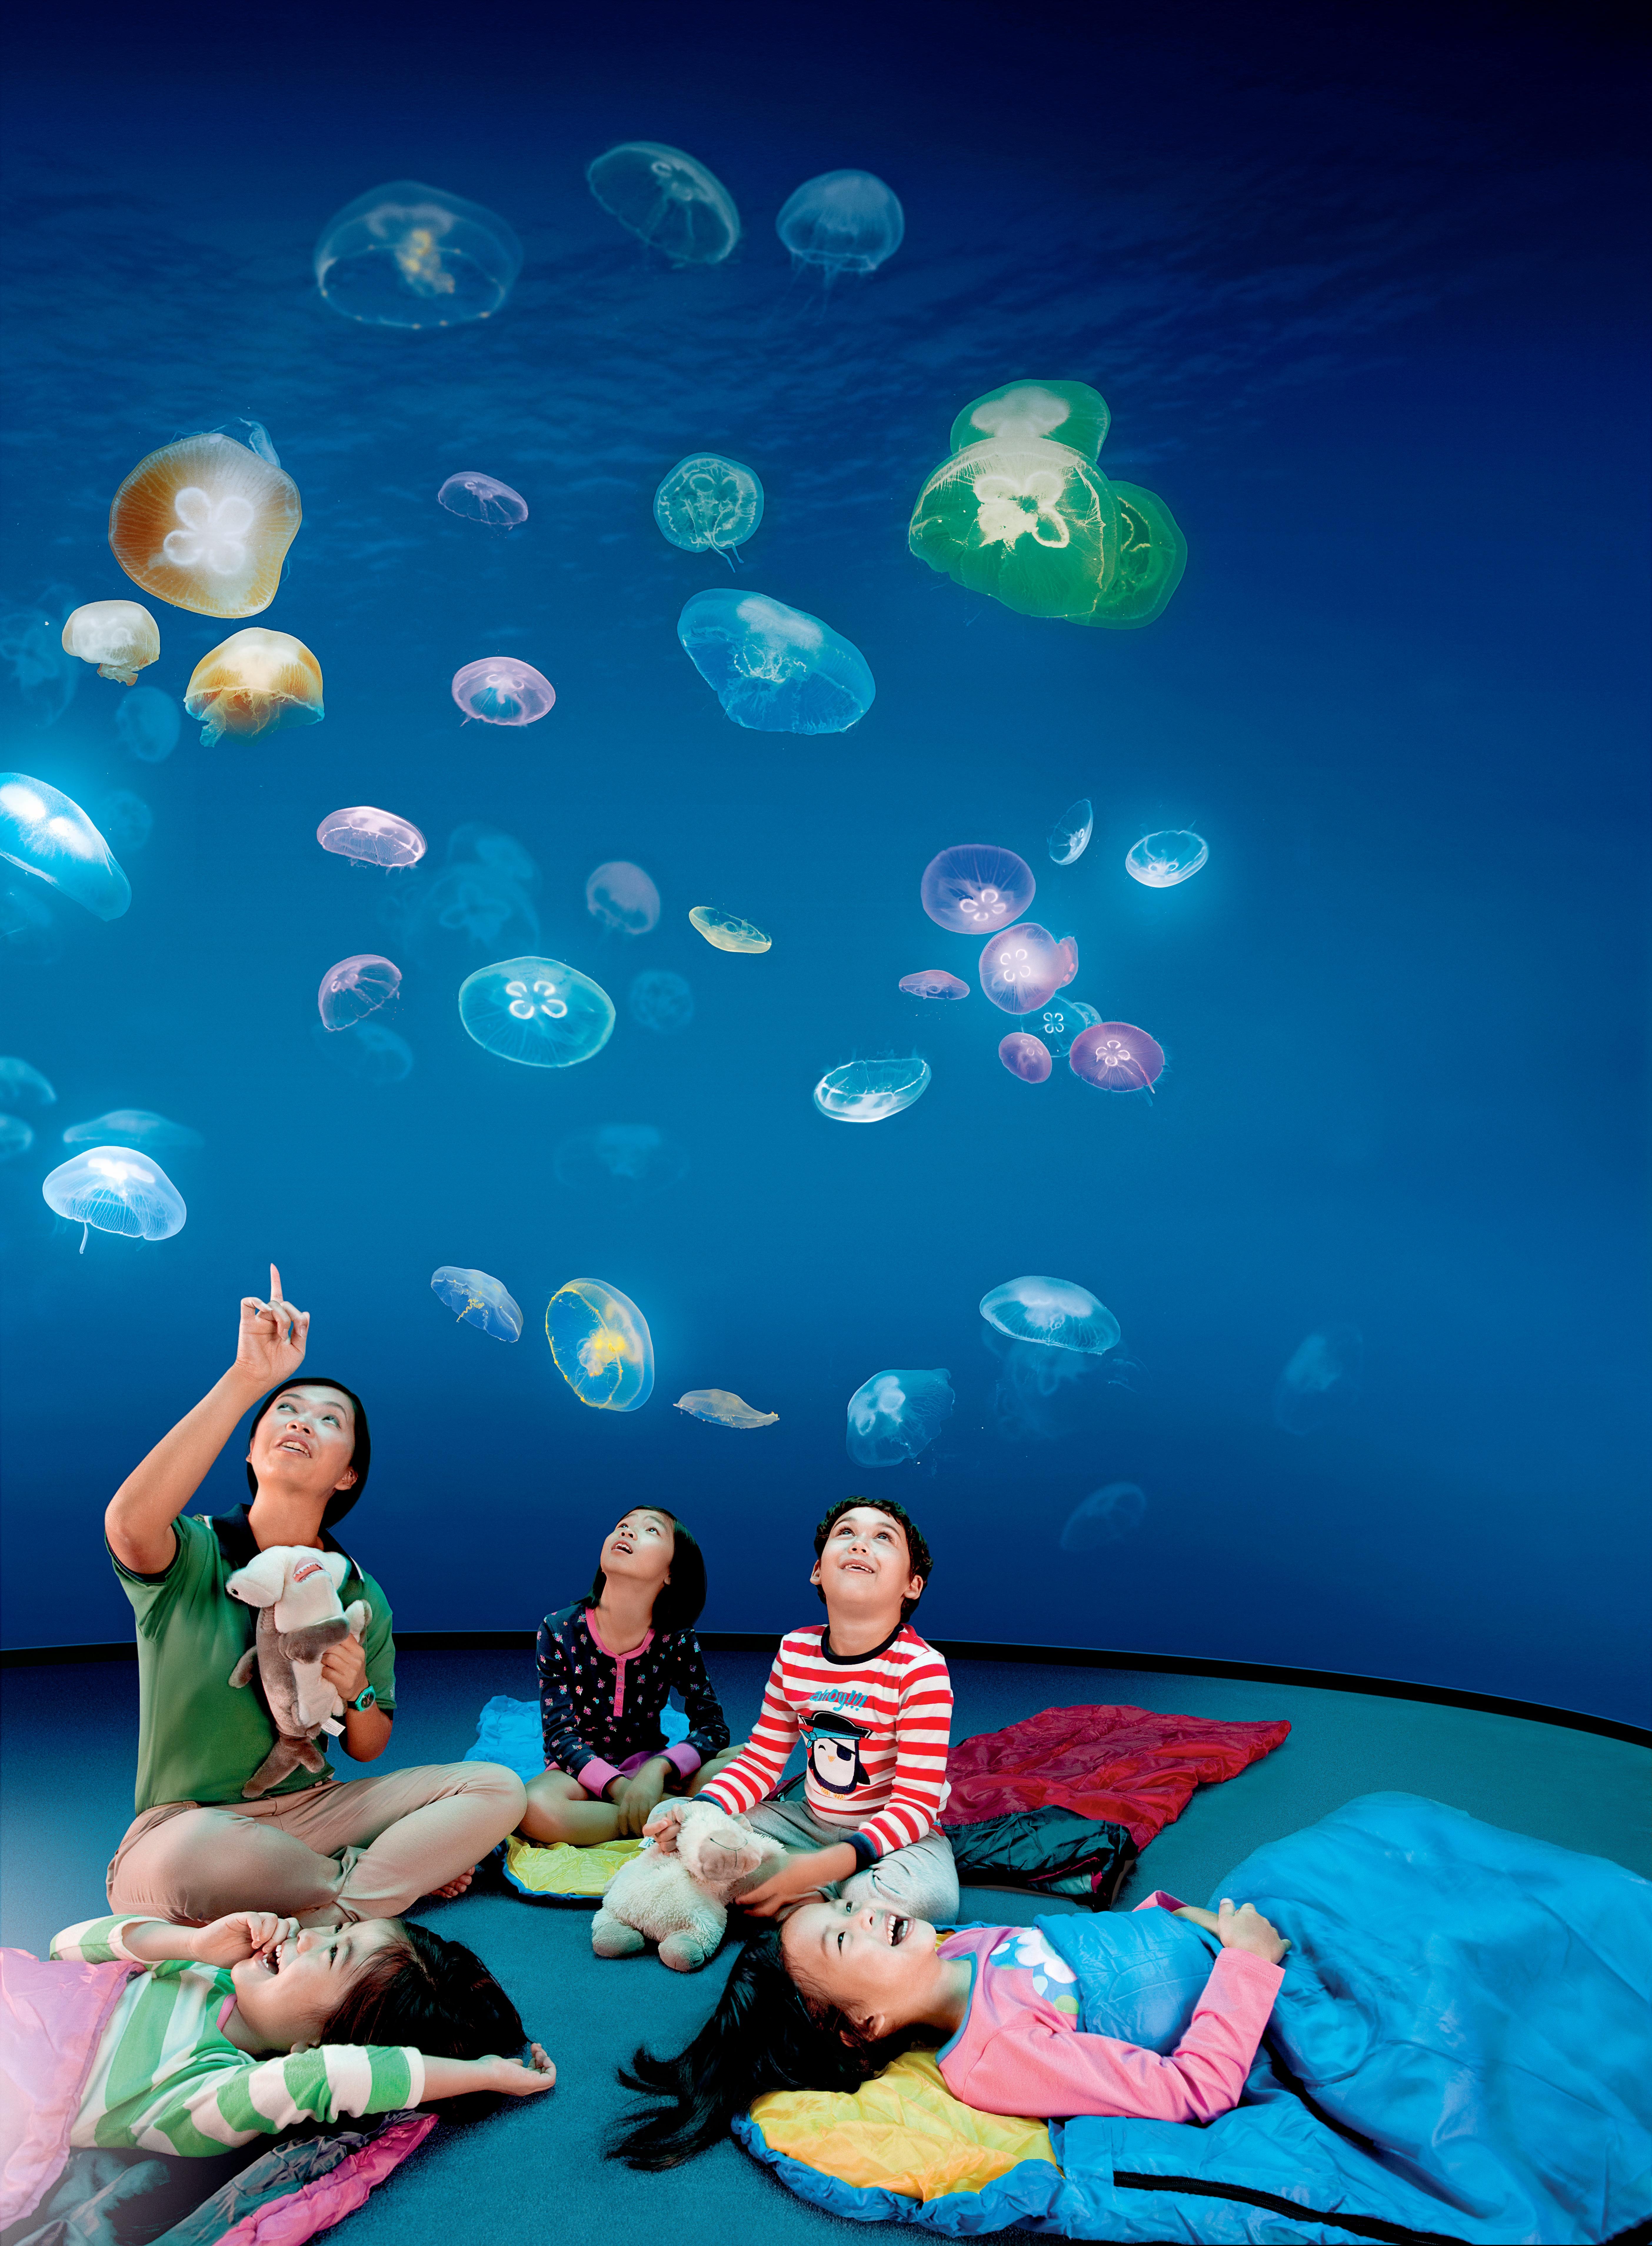 Ocean_dreams_hr.jpg